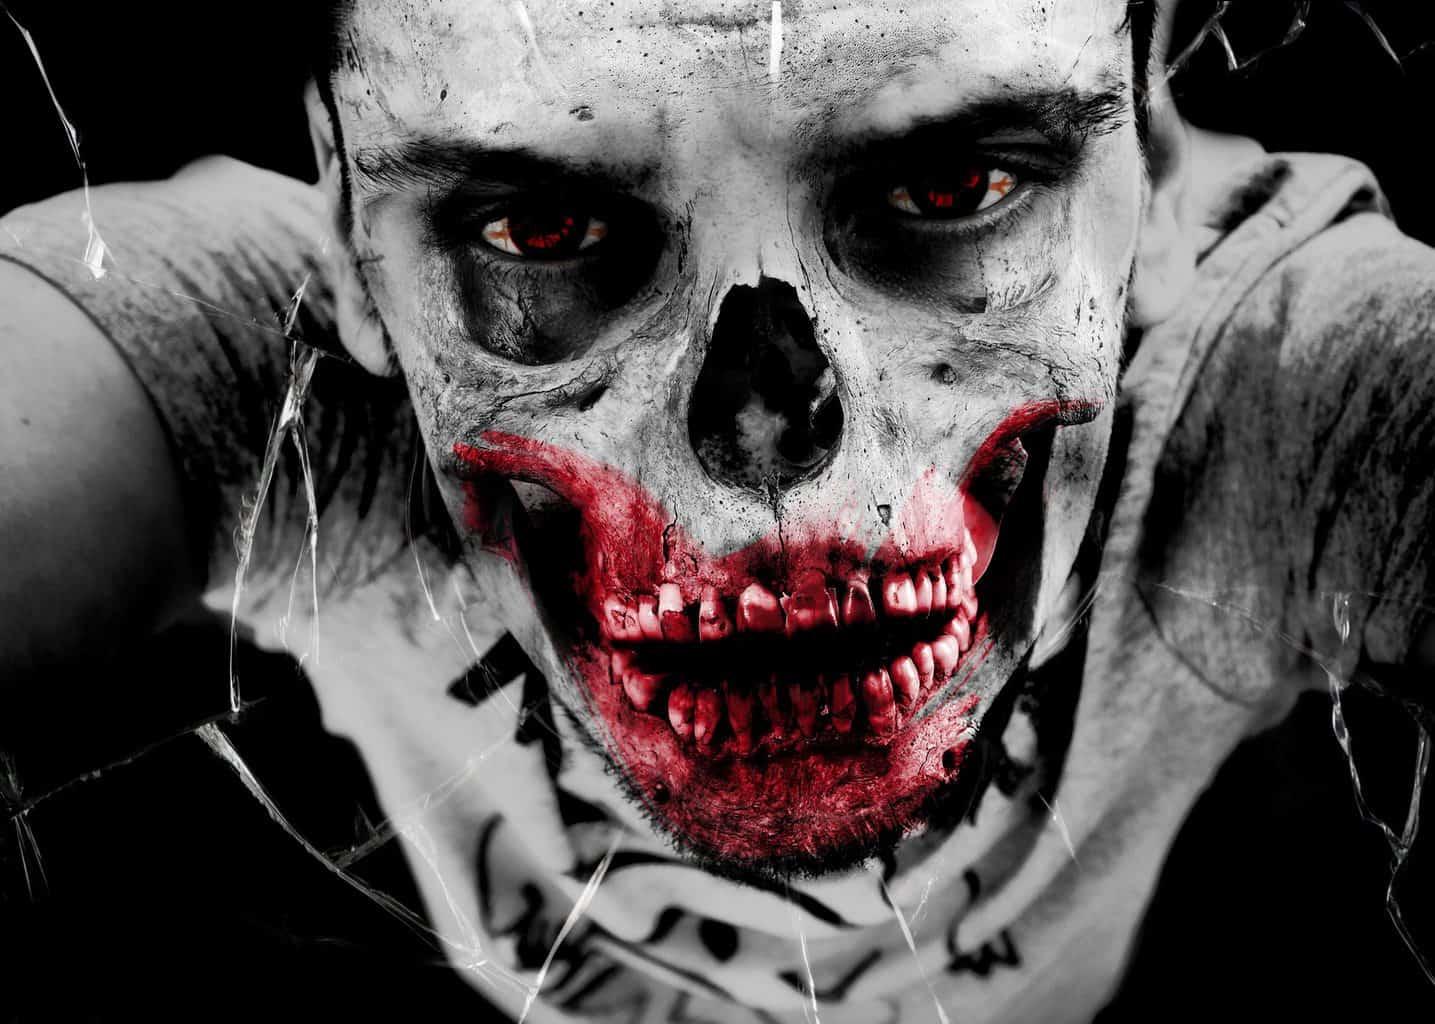 zombie, horror, monster